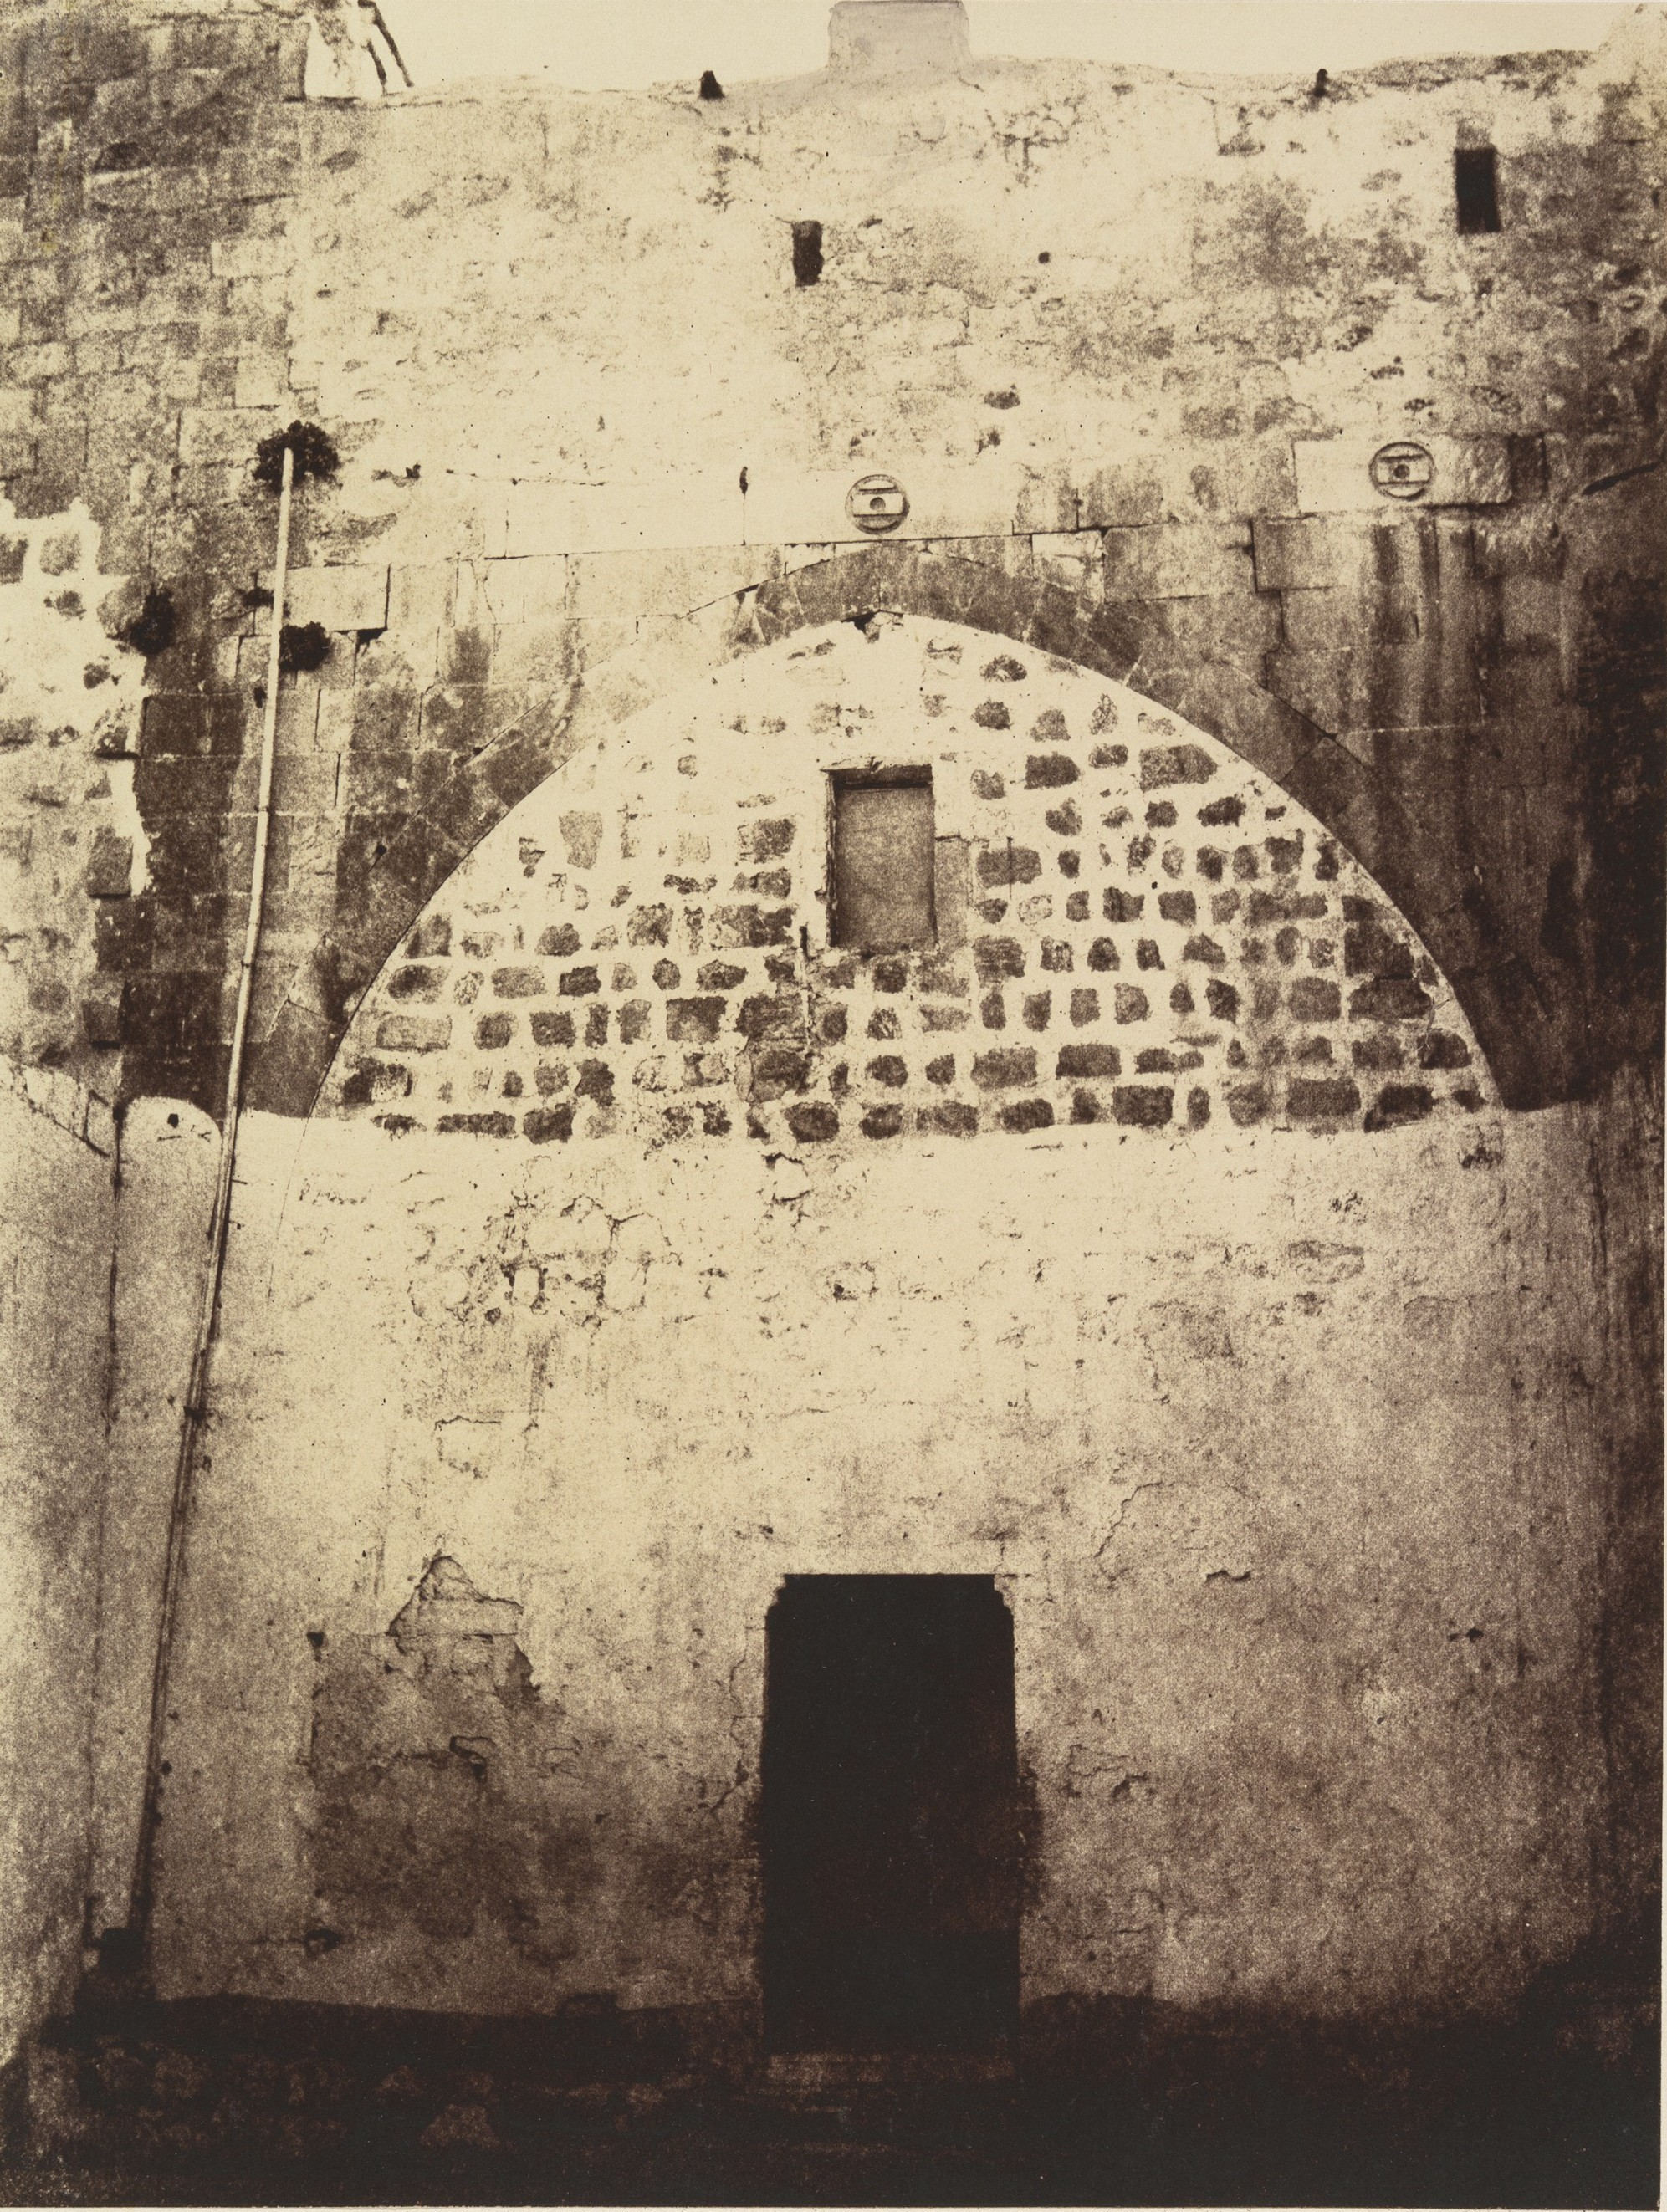 I станция - это место, где Иисус был приговорен к казни Понтием Пилатом. Внутренний двор турецких казарм